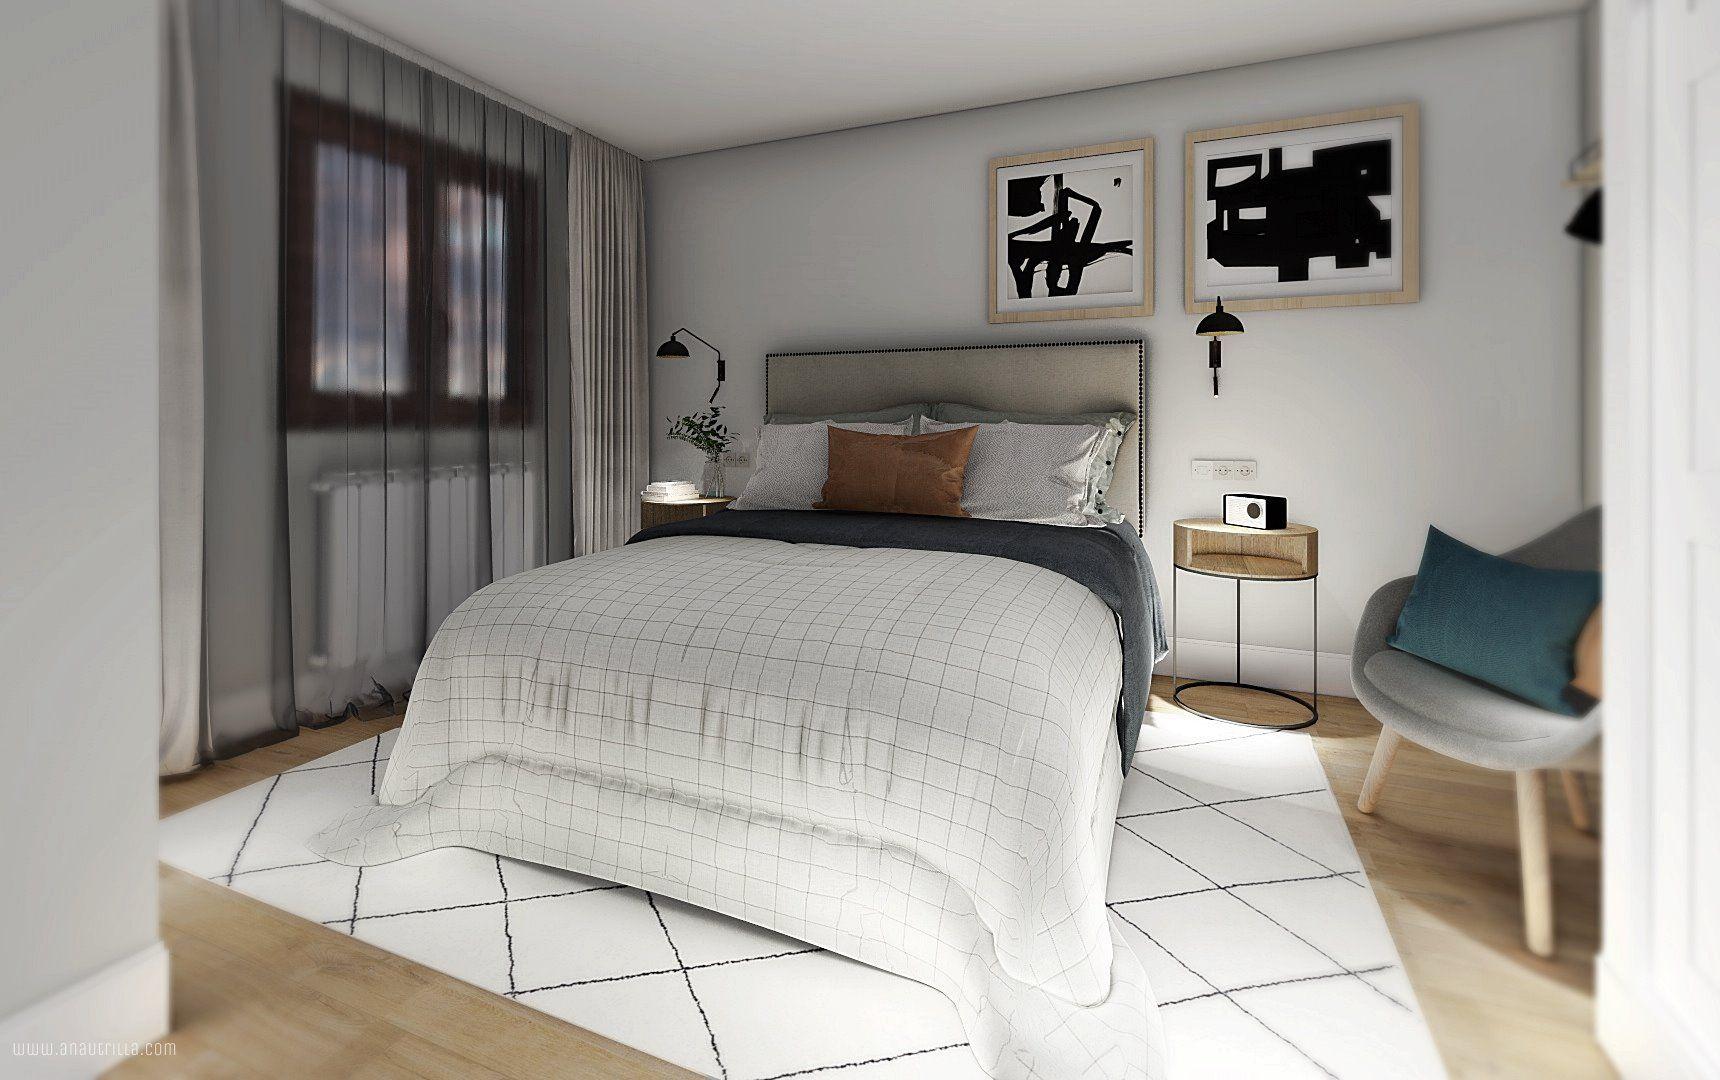 Habitación de invitados de estilo clásico renovado, elegante sobre base de tonos neutros y toques azules. Proyecto de diseño de interiores en 3D online en Valladolid #Anautrillainteriorismo @Utrillanais